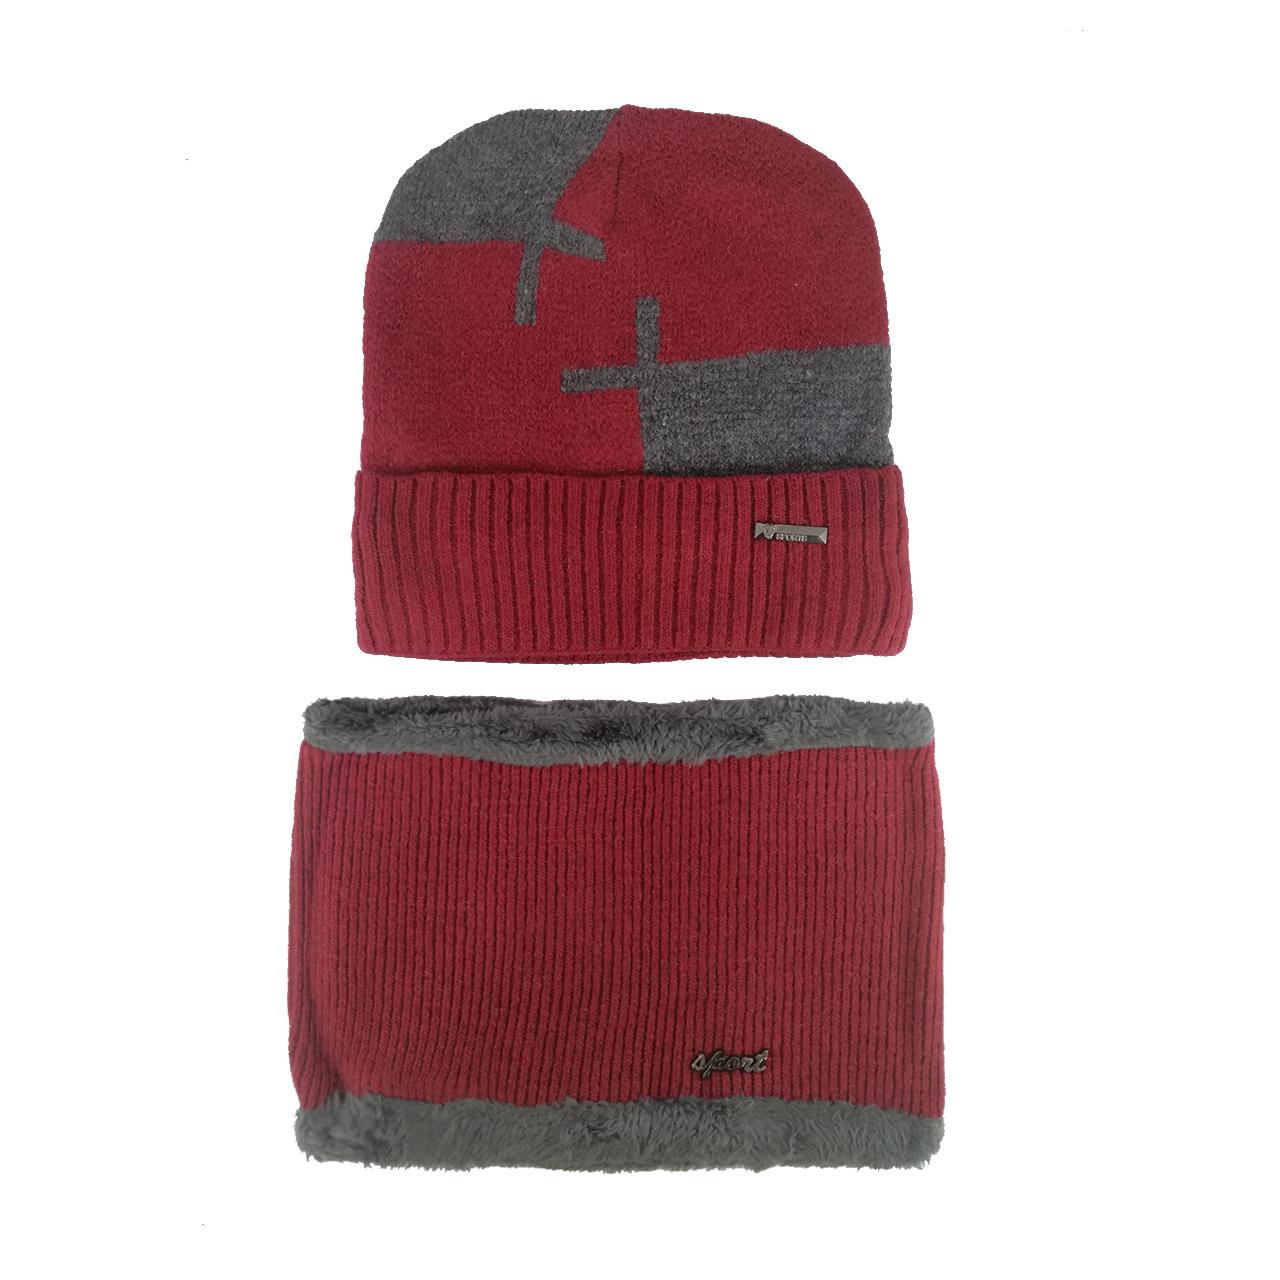 ست کلاه و شال گردن بافتنی کد M170